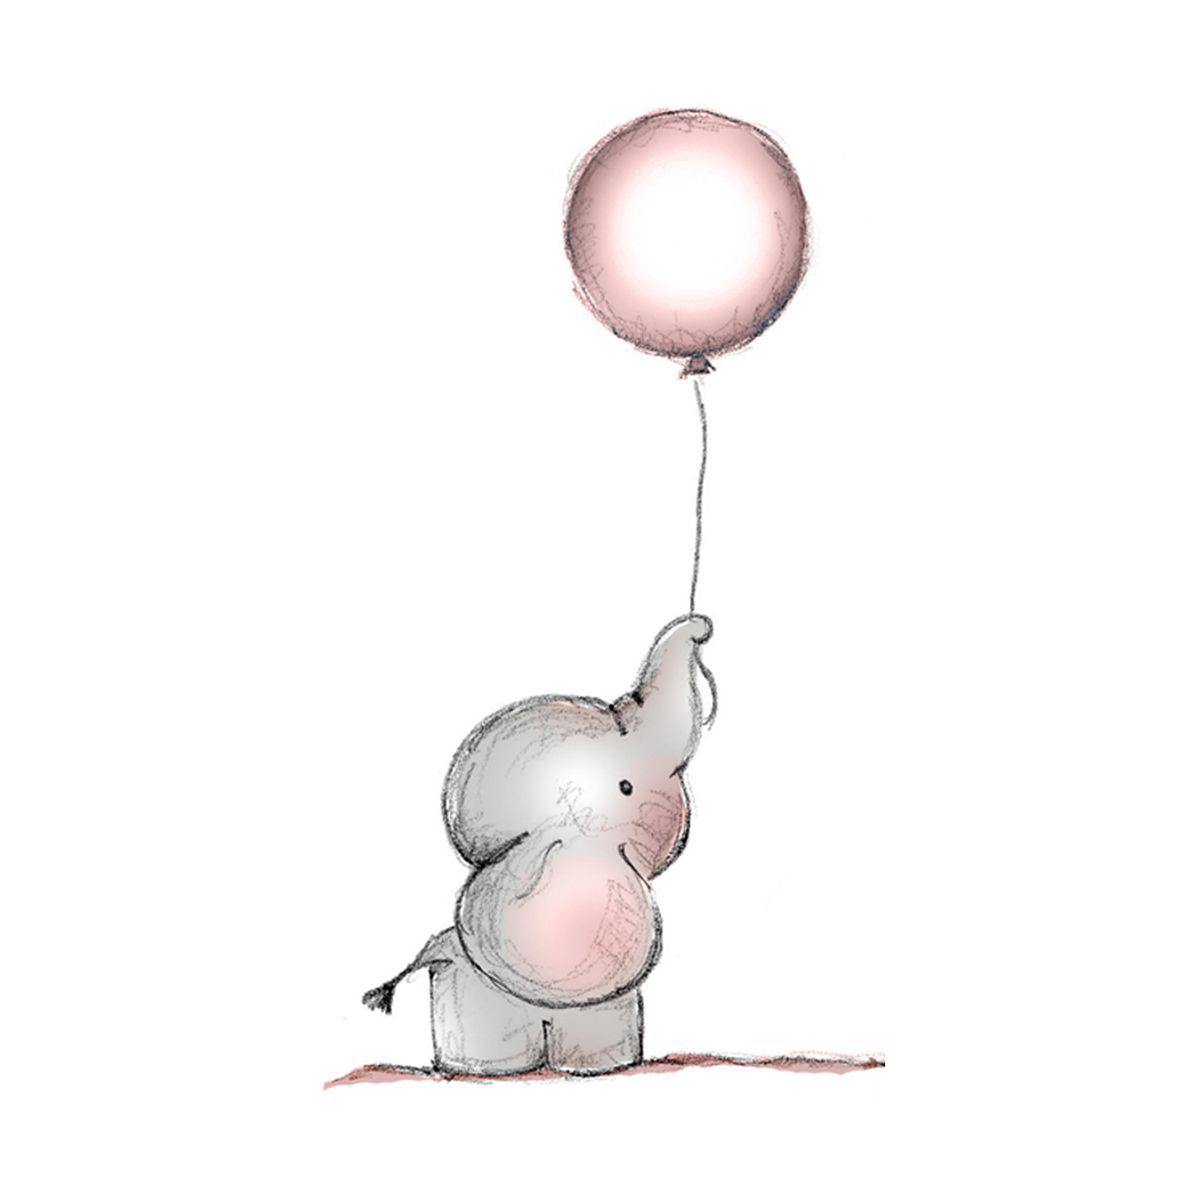 baby-elephant-flying-balloon-girl-1200-compressor